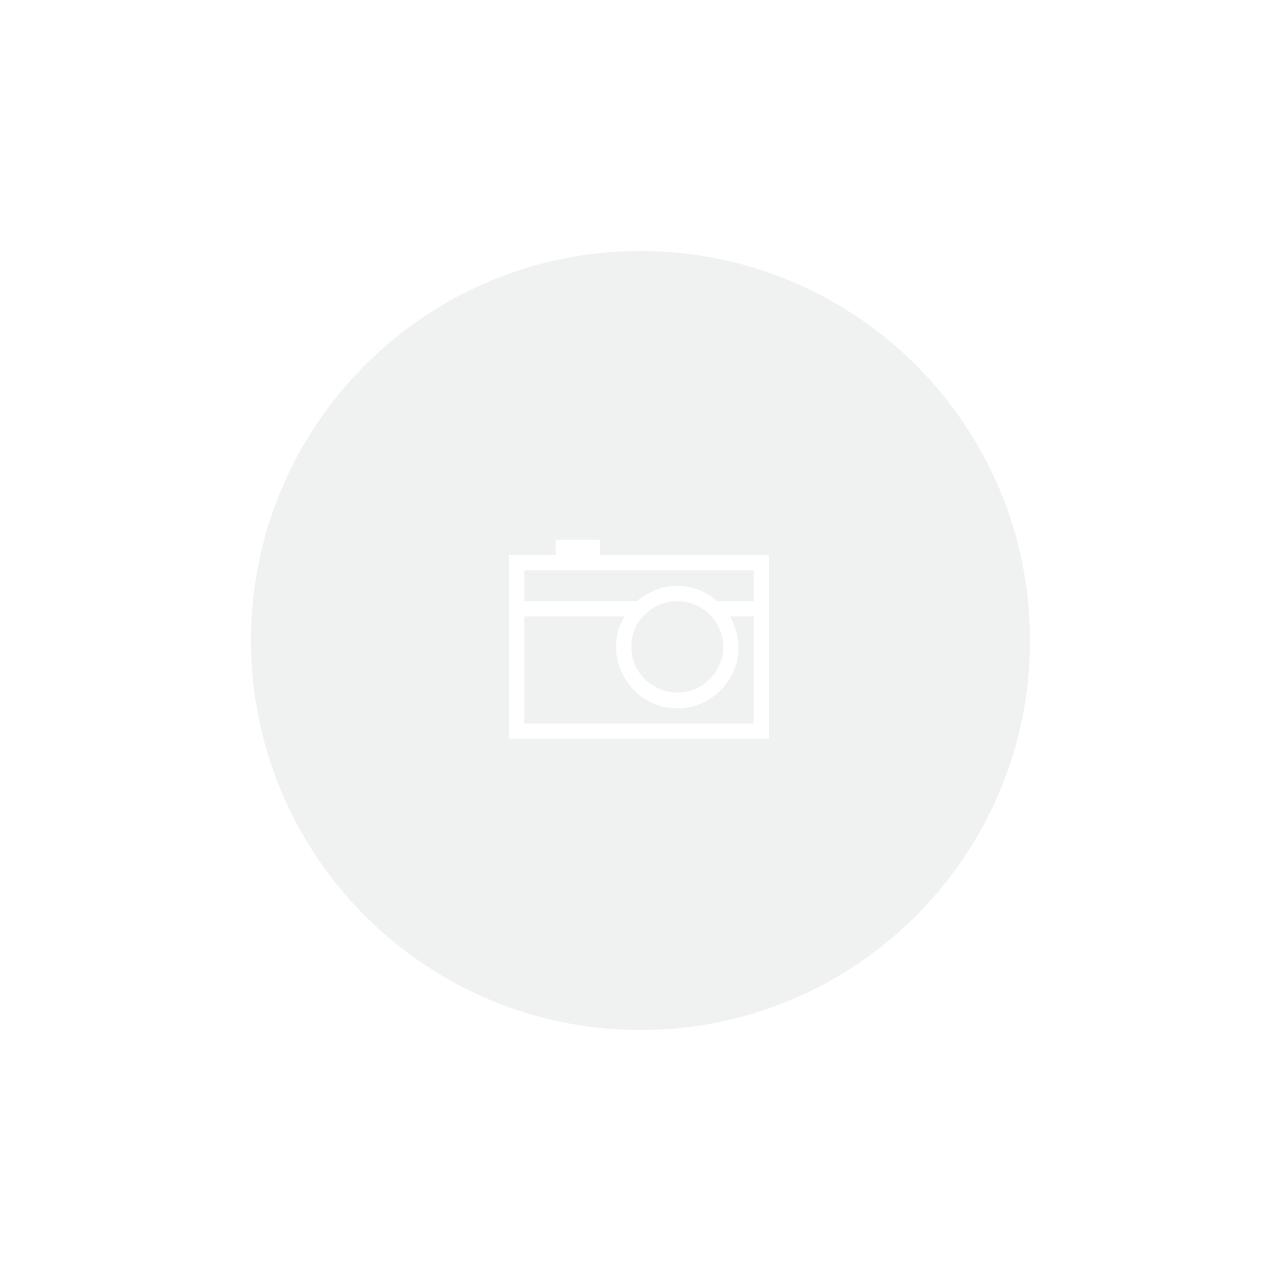 Relé de Estado Sólido 150A - SSR-48150